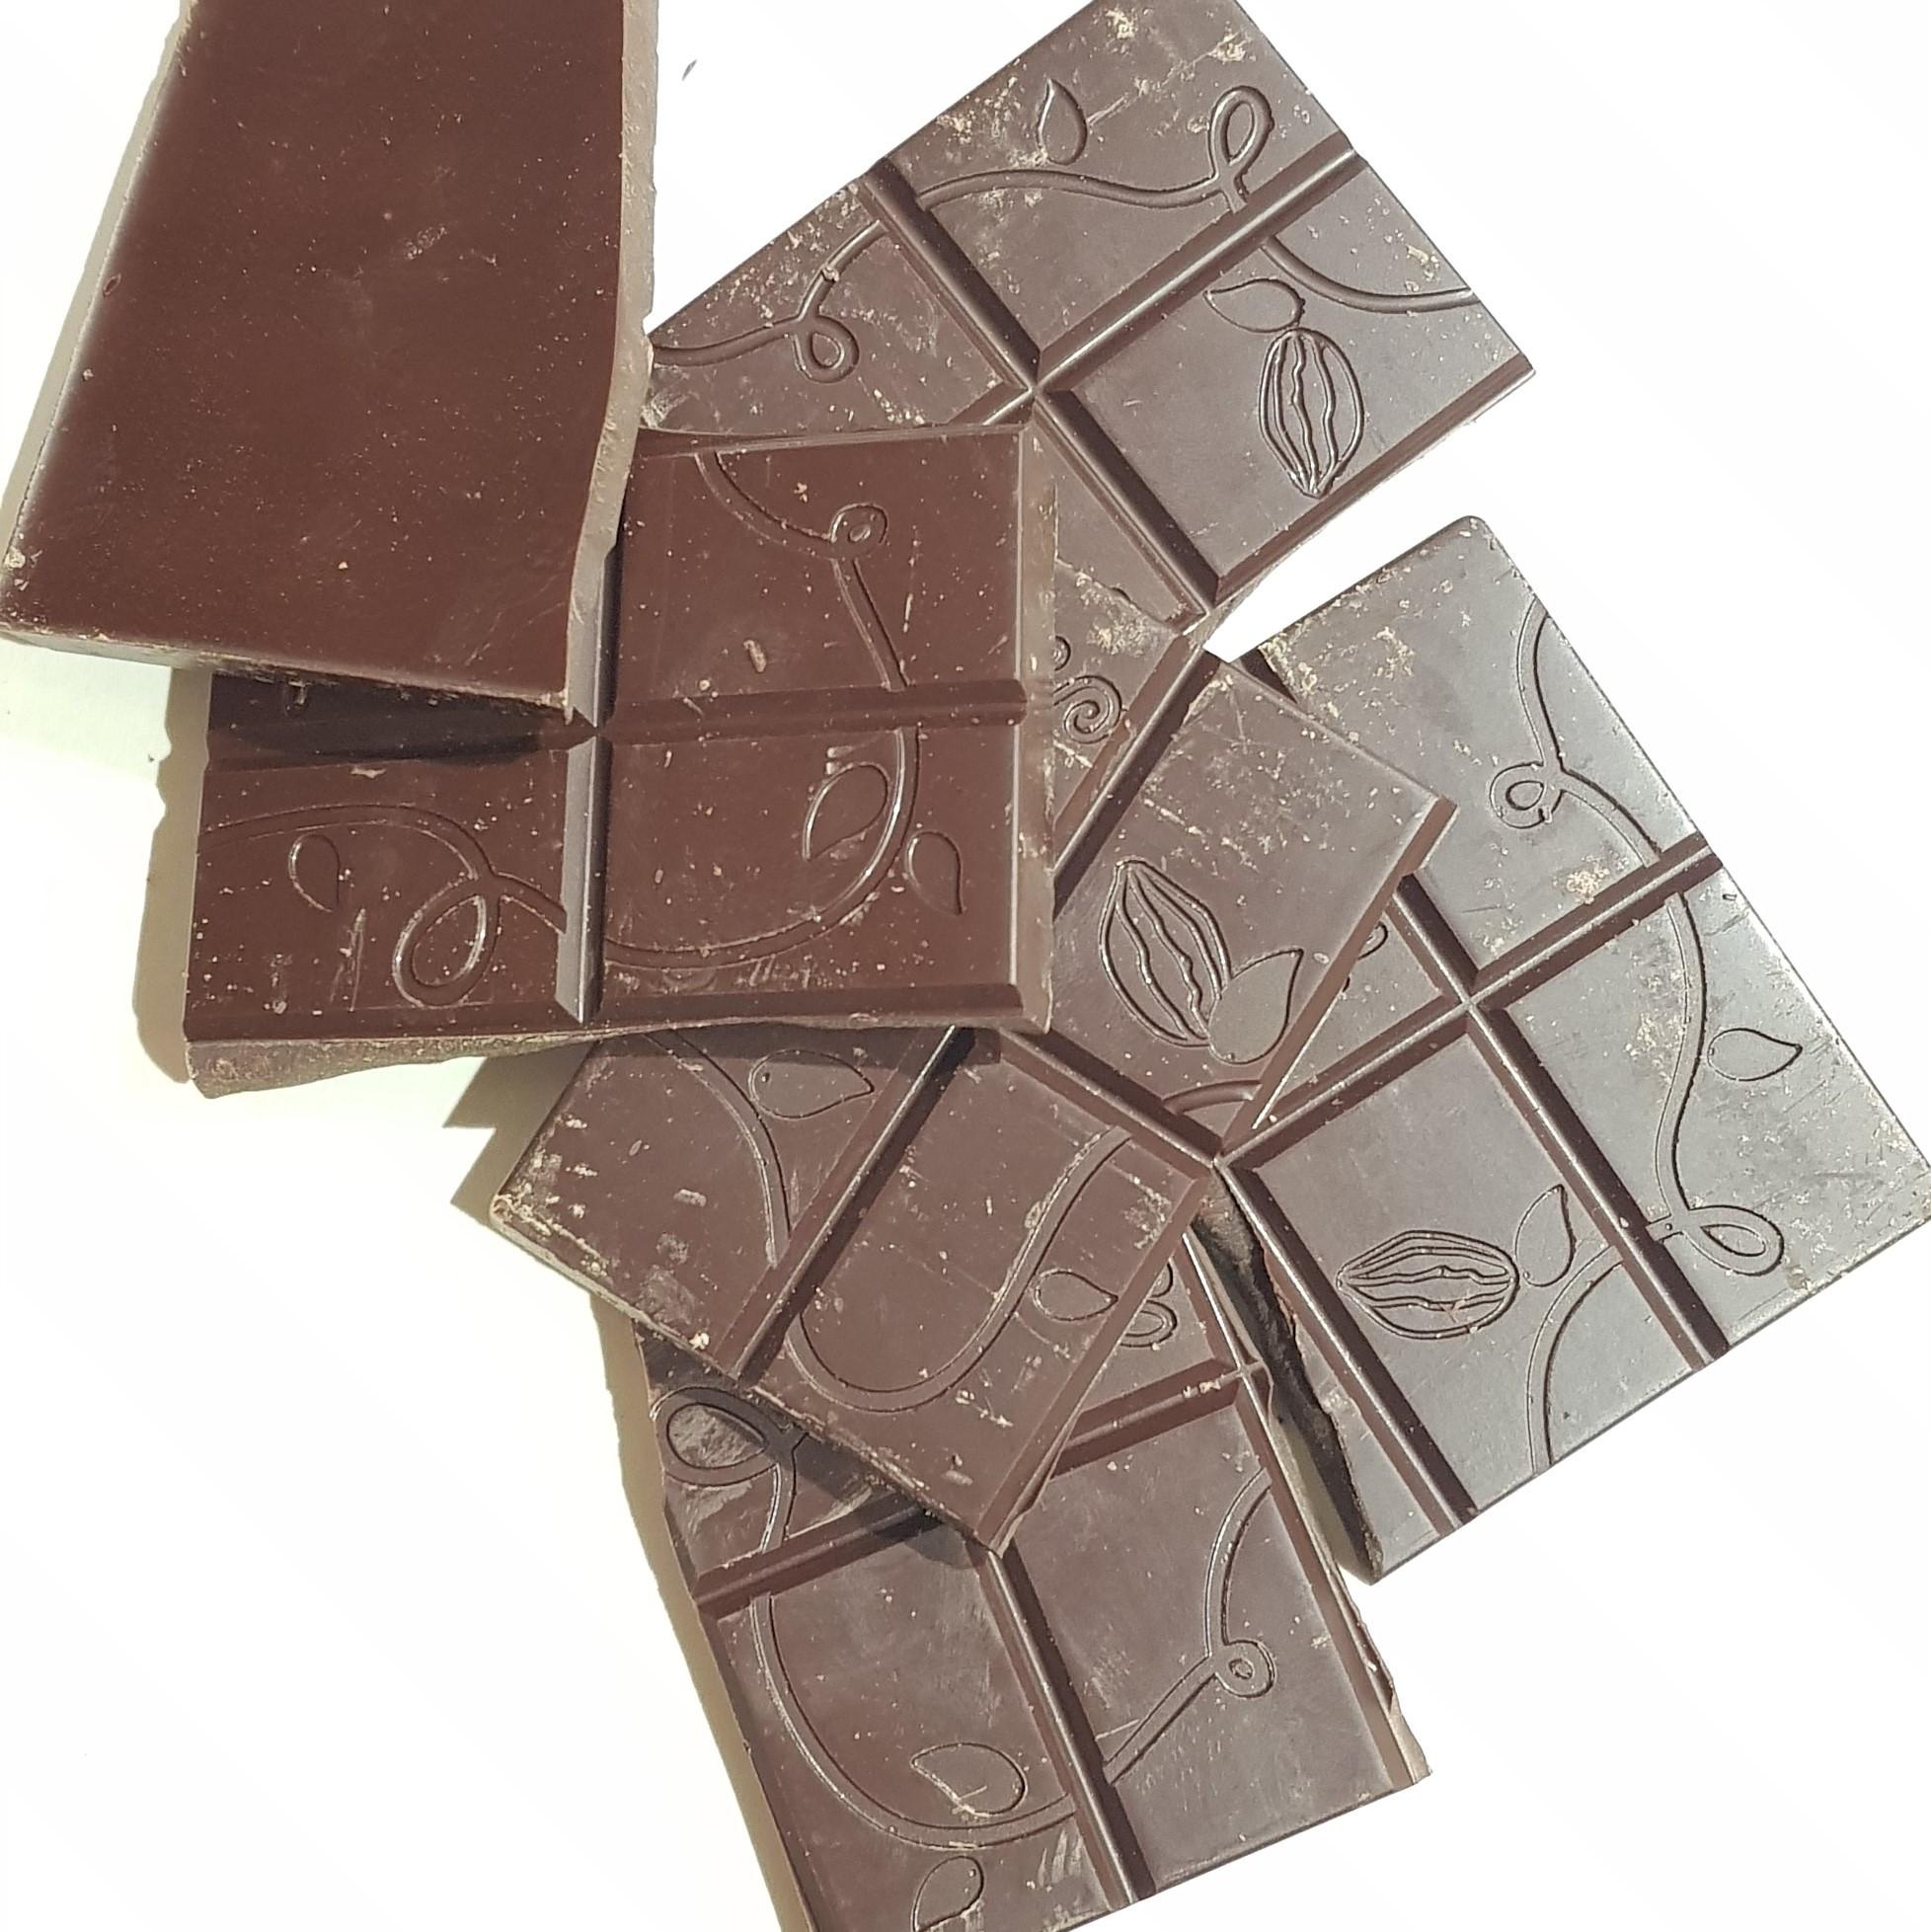 ORGANIC DARK CHOCOLATE WITH HAZELNUT